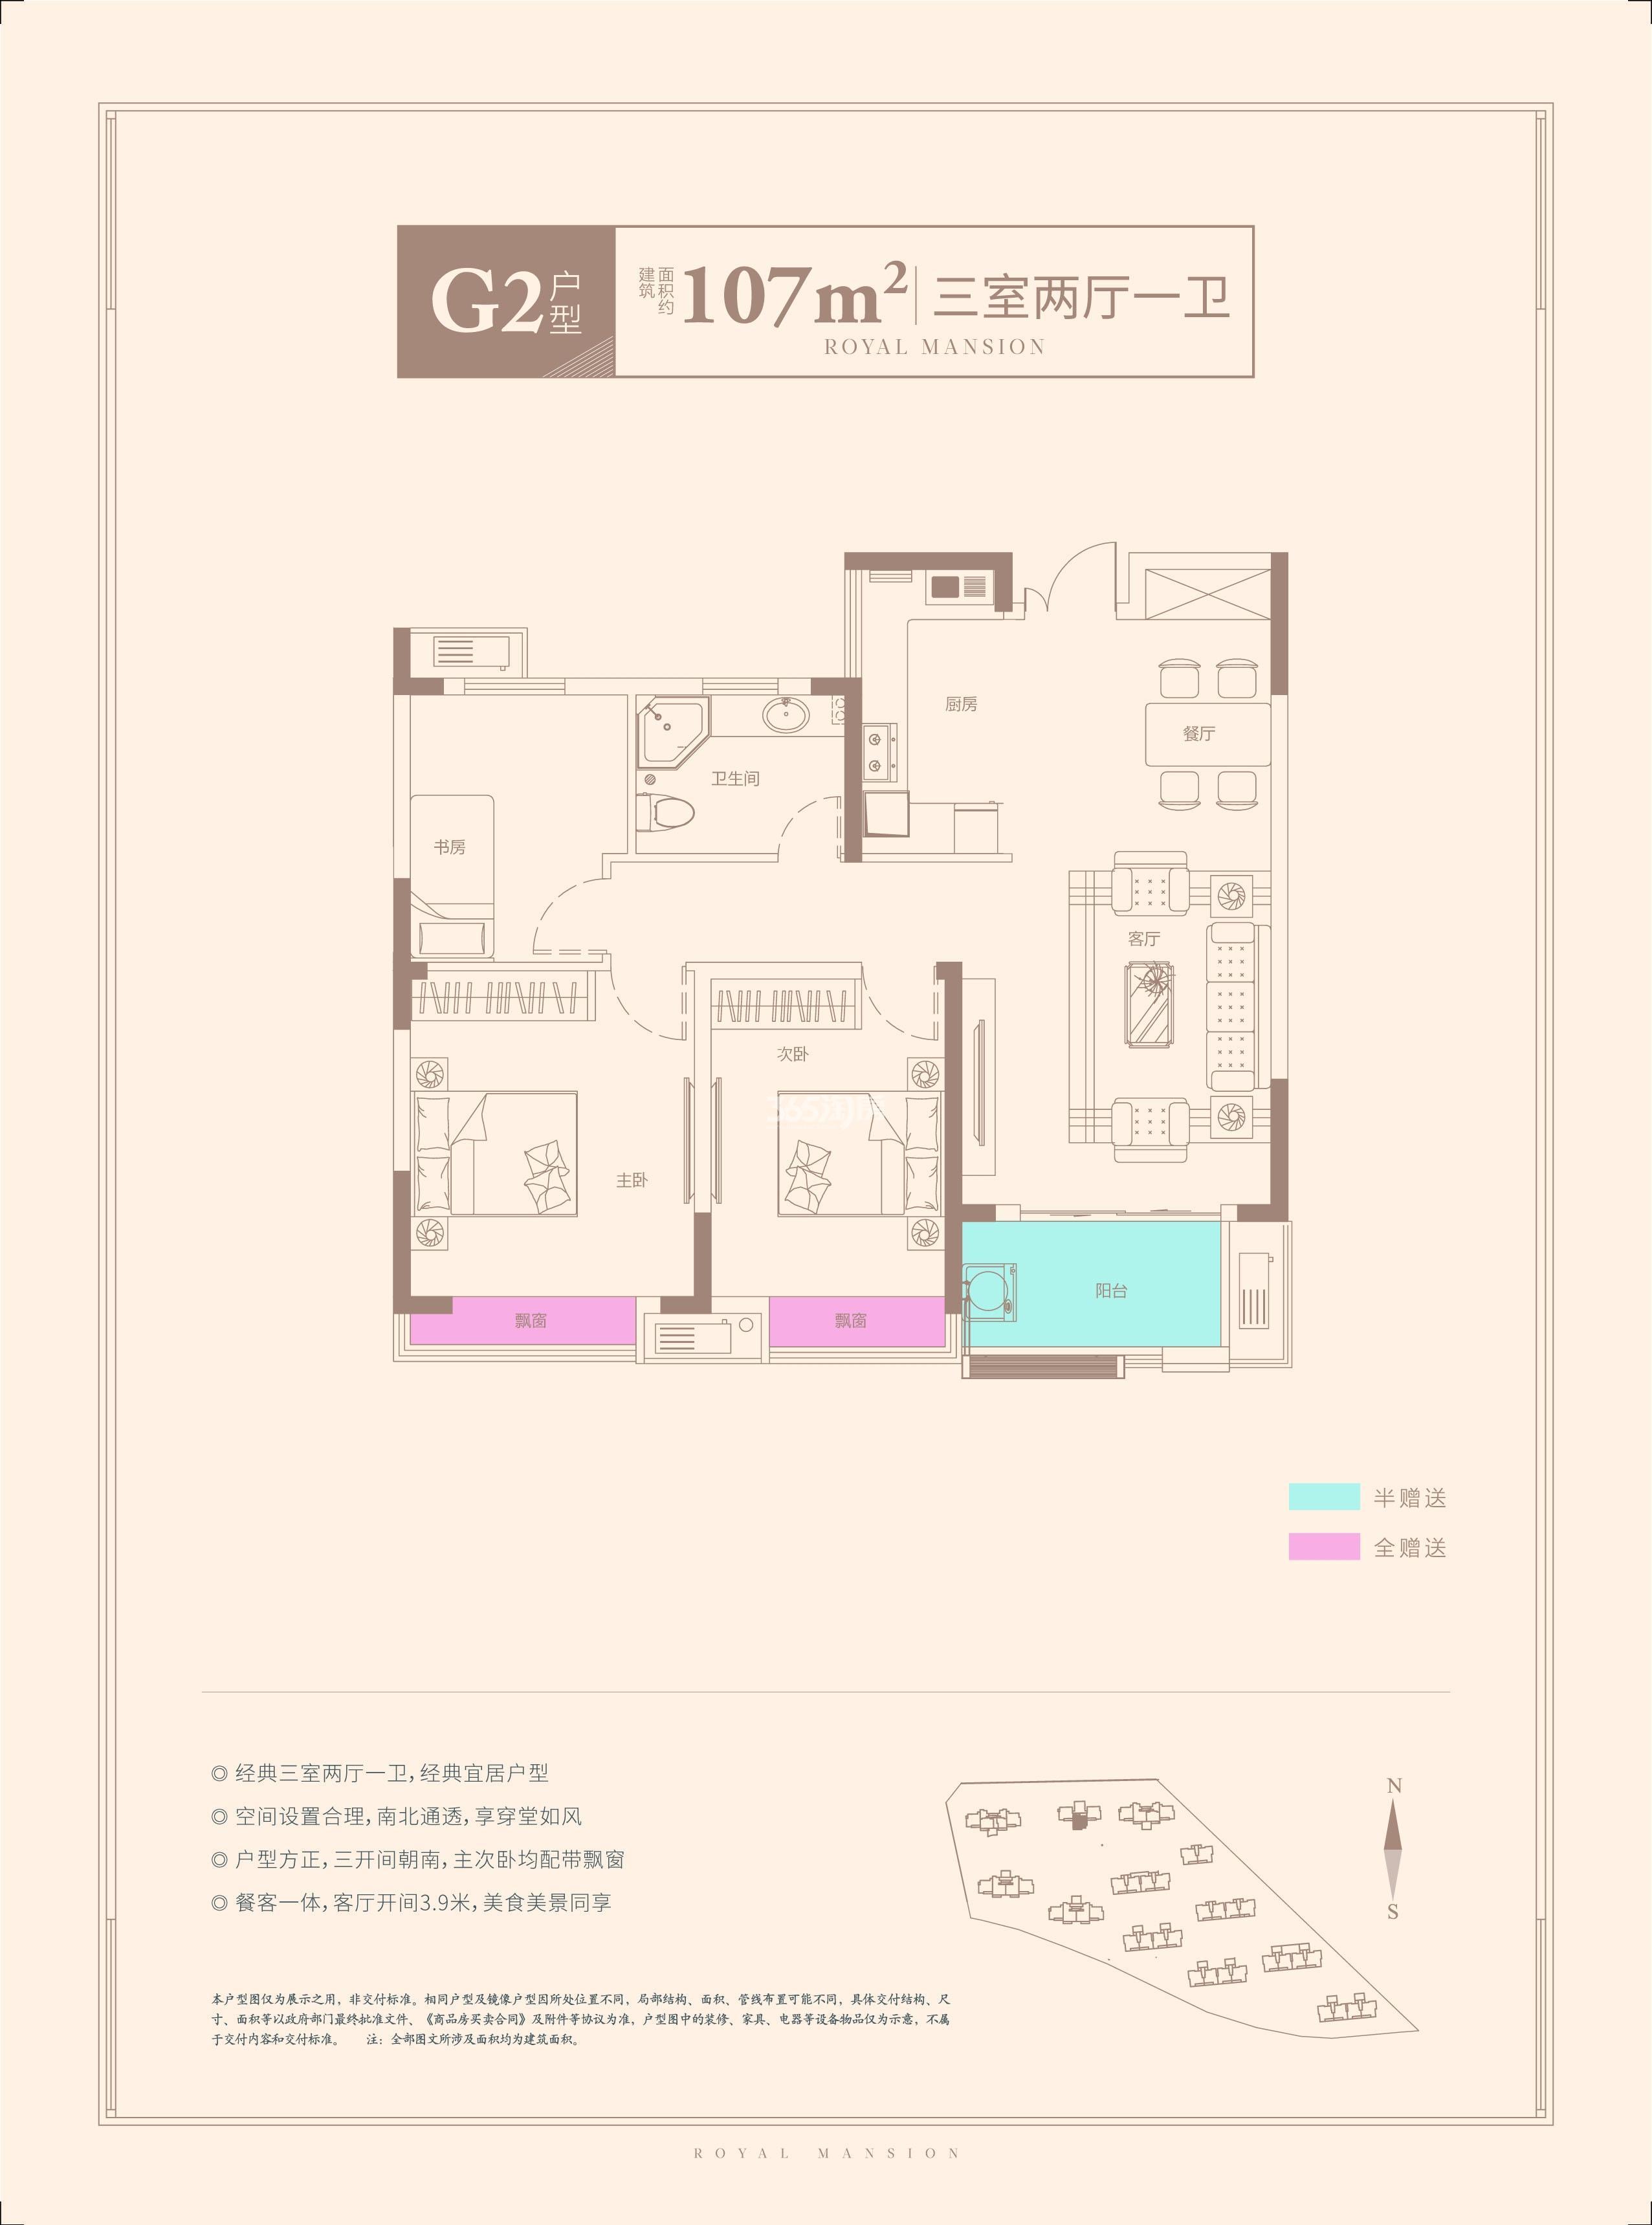 柏庄香府三期11#高层 三室两厅一卫 107㎡